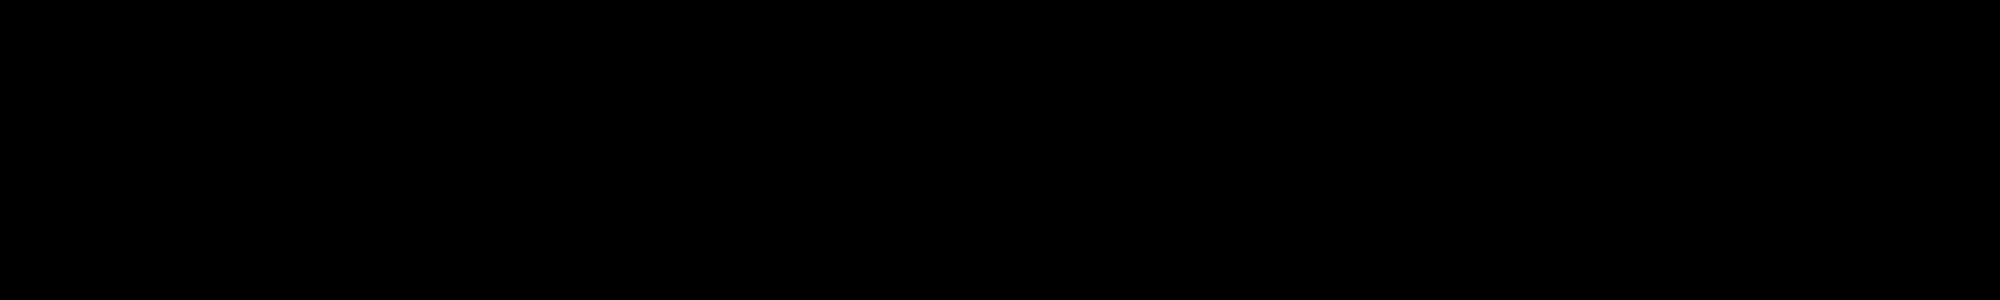 フラ活,フランス語動詞の意味・活用検索サイト \u2013 フランス語動詞の意味や活用を検索することのできるサイト。すべての仏語動詞の活用一覧と活用語尾を無料で調べること